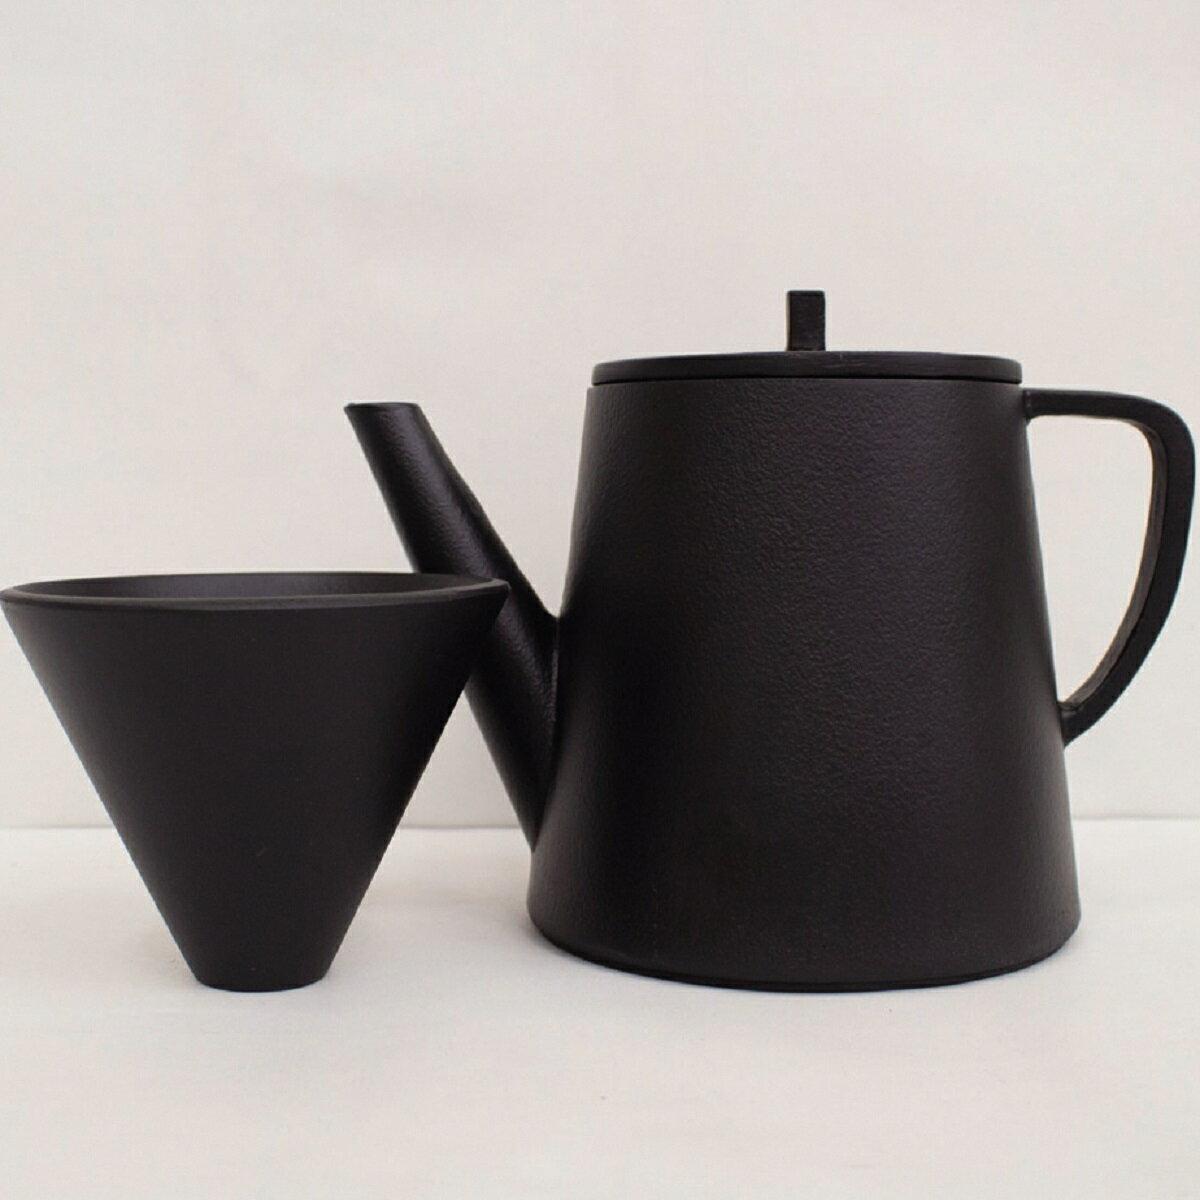 【ふるさと納税】 桑原鋳工 鋳物製コーヒーポット